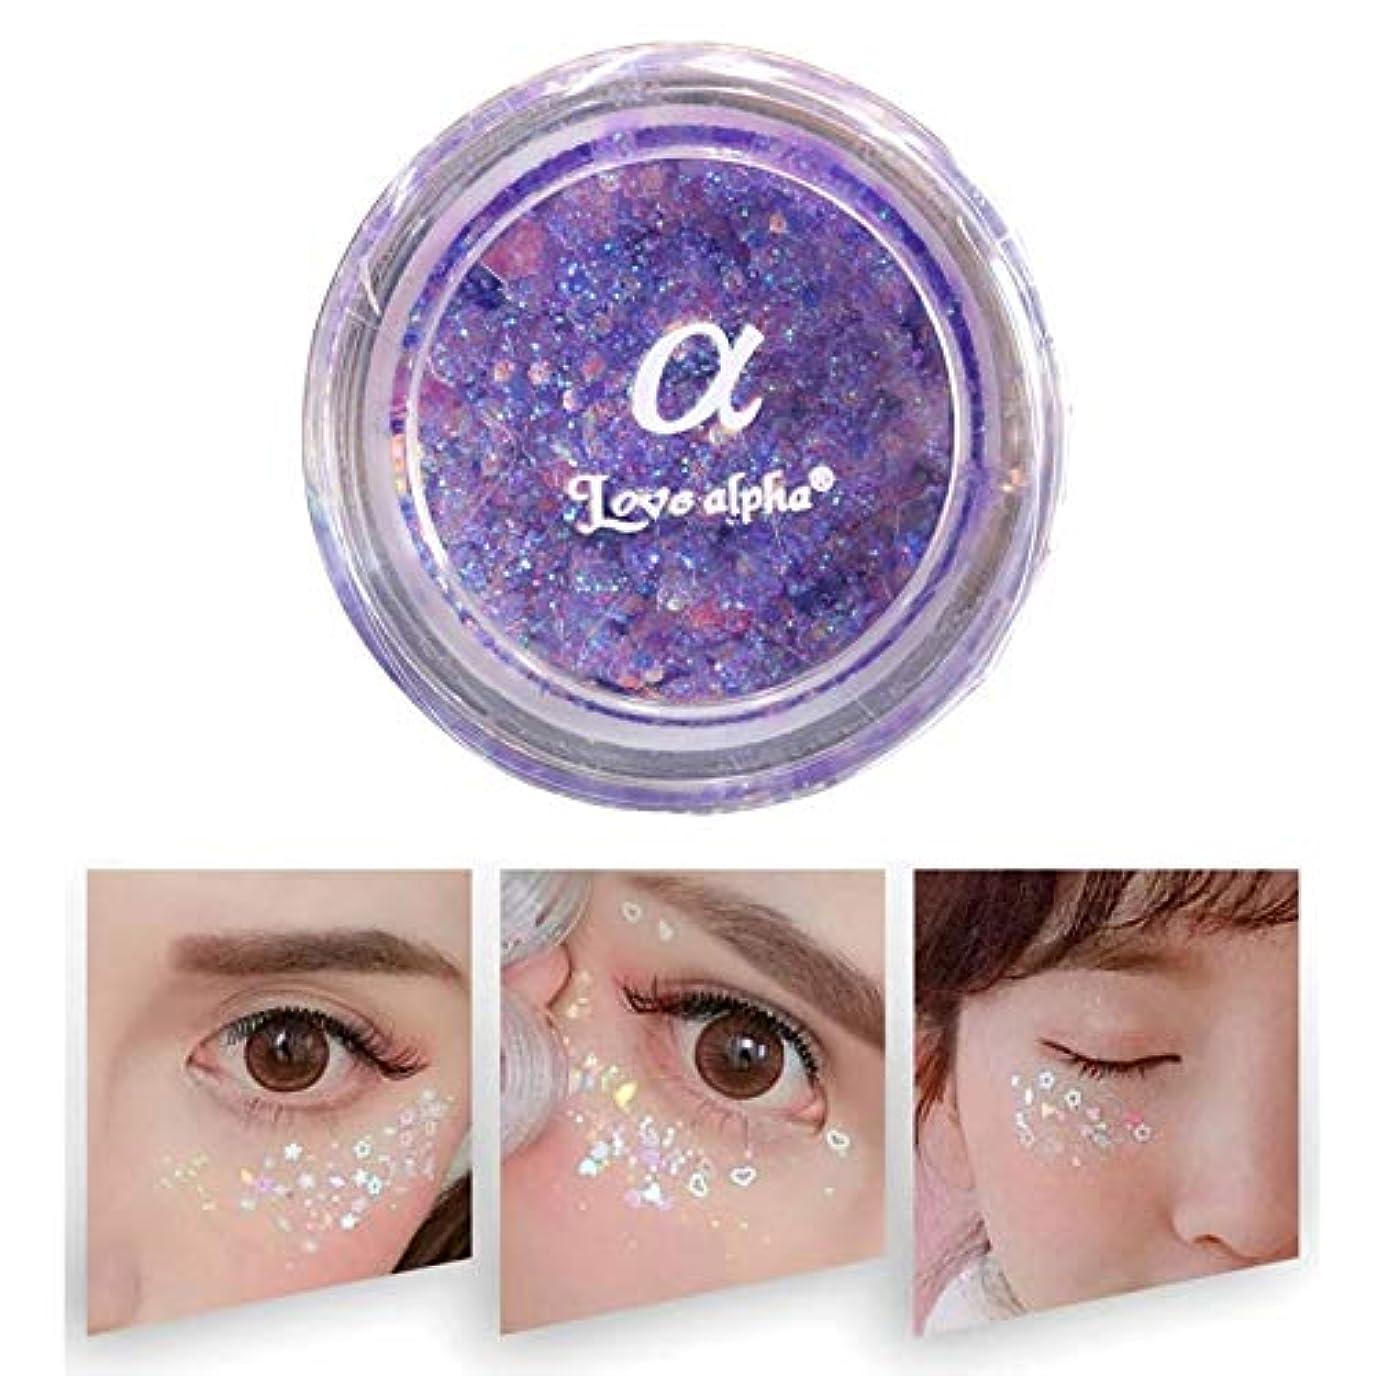 宣伝商品水星美容アクセサリー モノクロアイシャドー真珠光沢のある高光沢ステージスパンコールメイクフリーのりグリッターパウダー(ピンク) 写真美容アクセサリー (色 : 紫の)